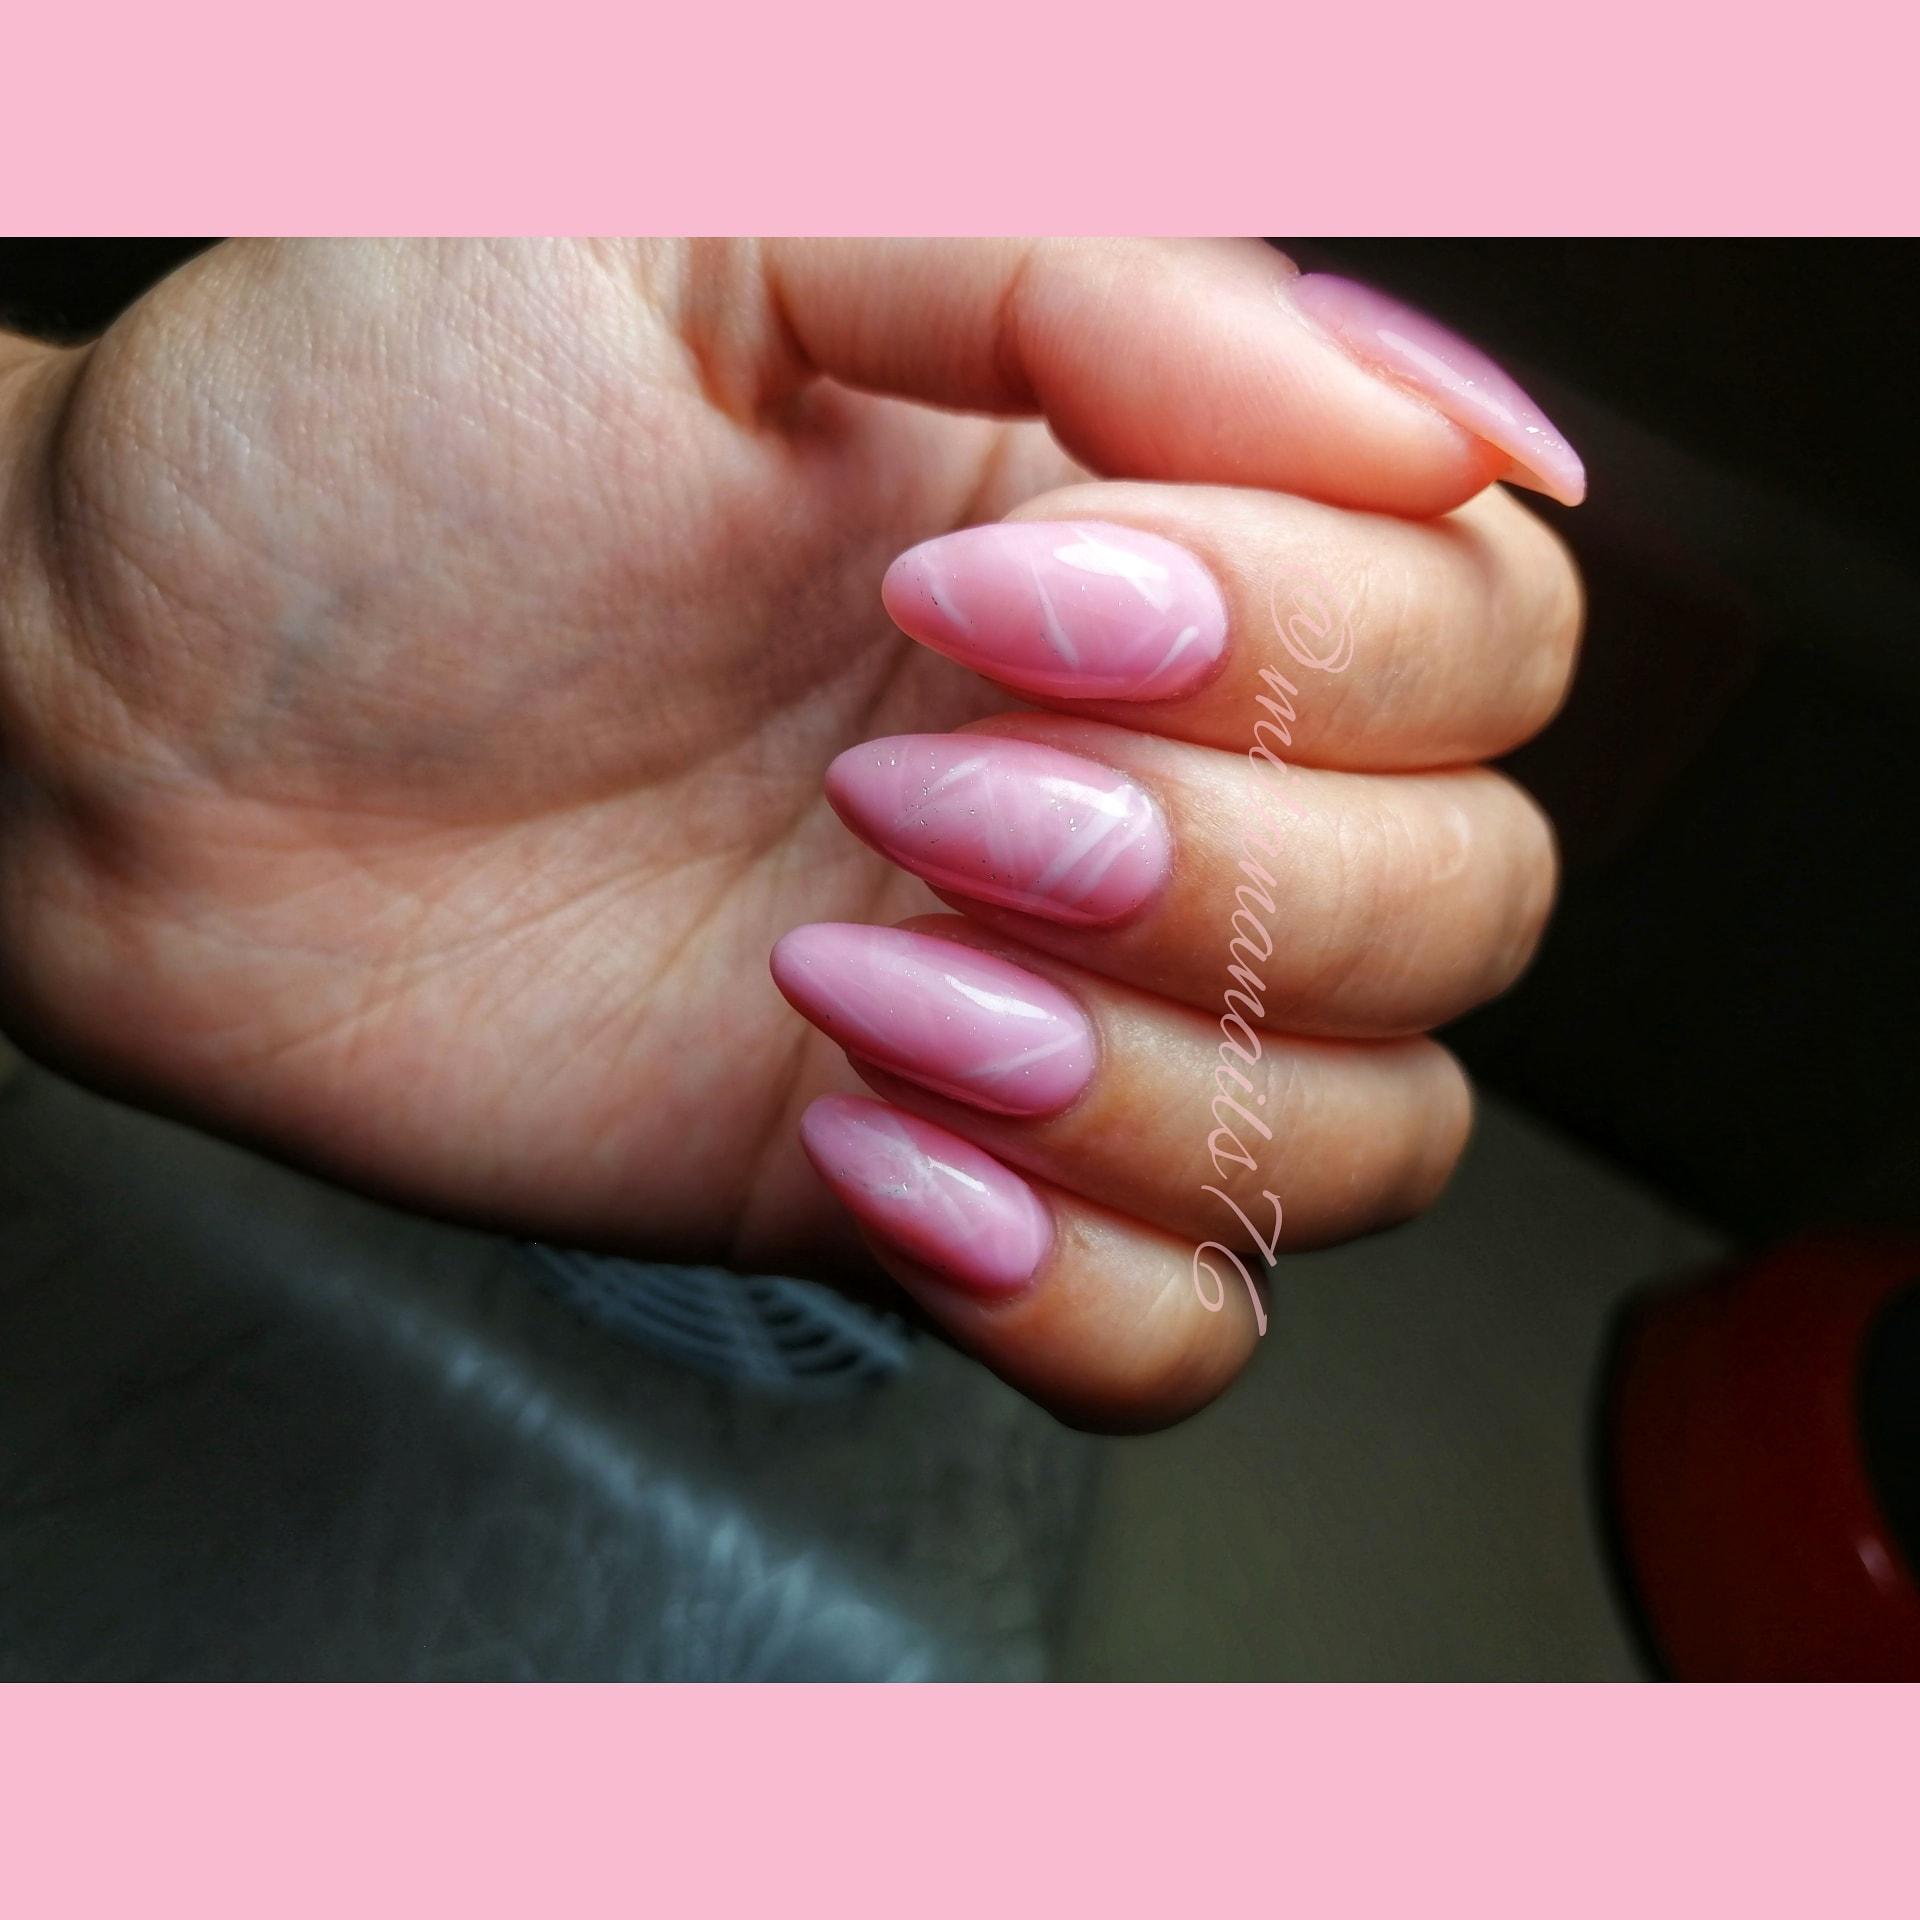 Маникюр с мраморным дизайном в розовом цвете на длинные ногти.